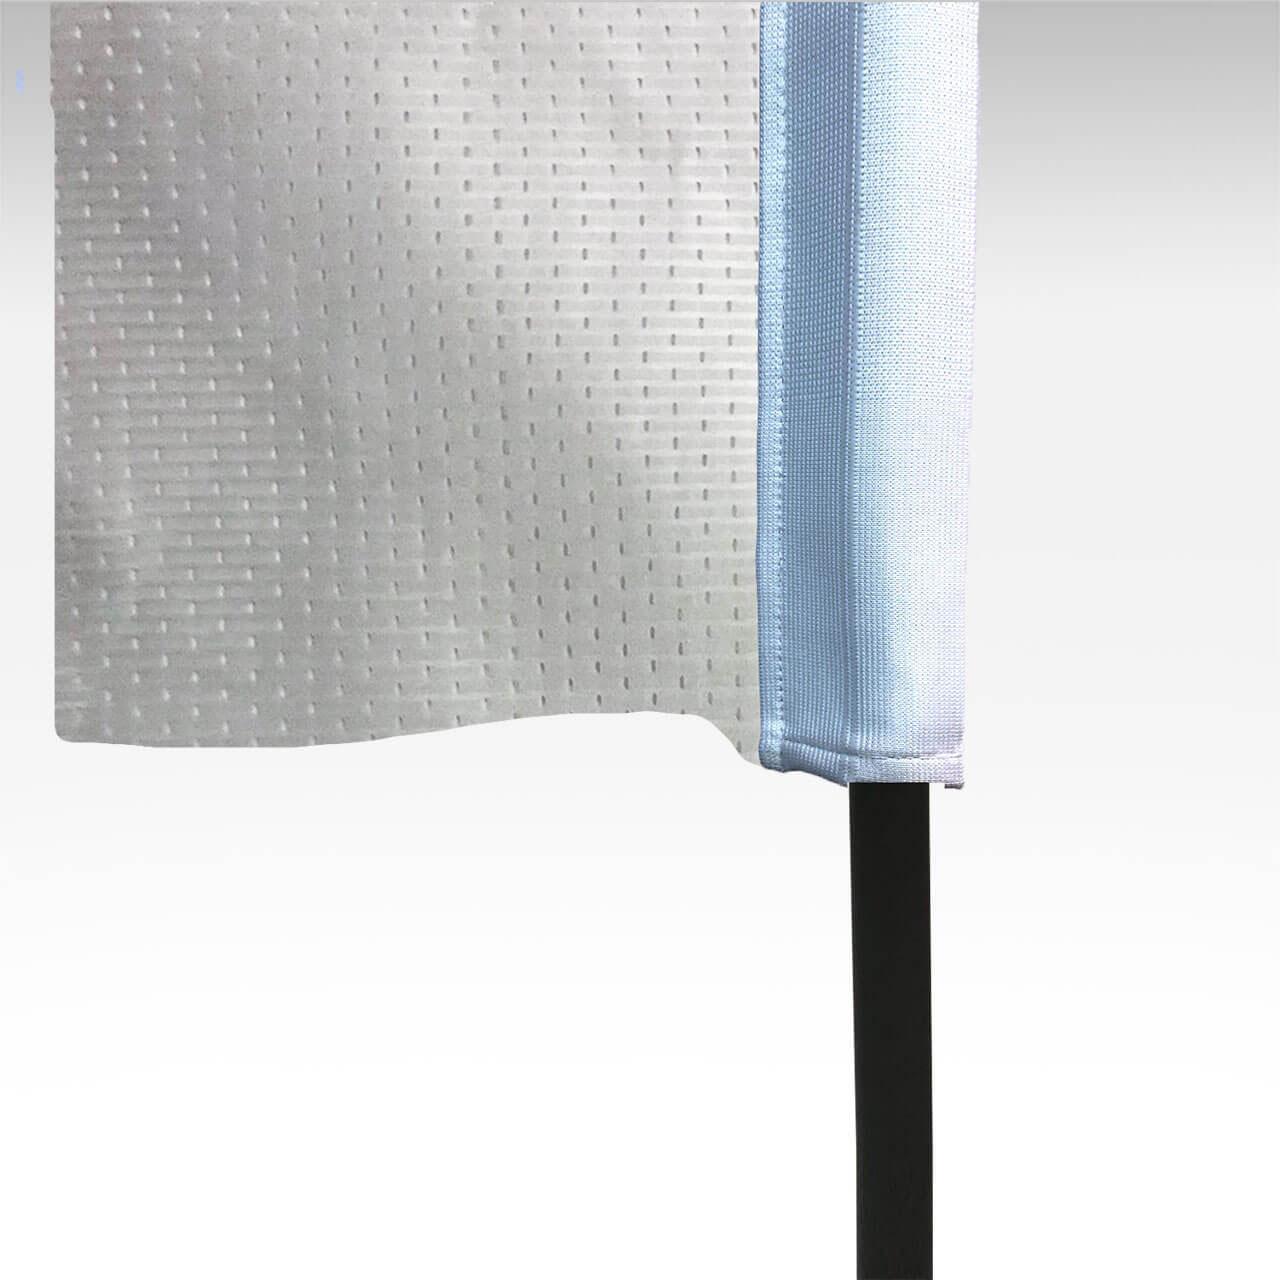 fabricant de drapeau haut de gamme résistant au vent